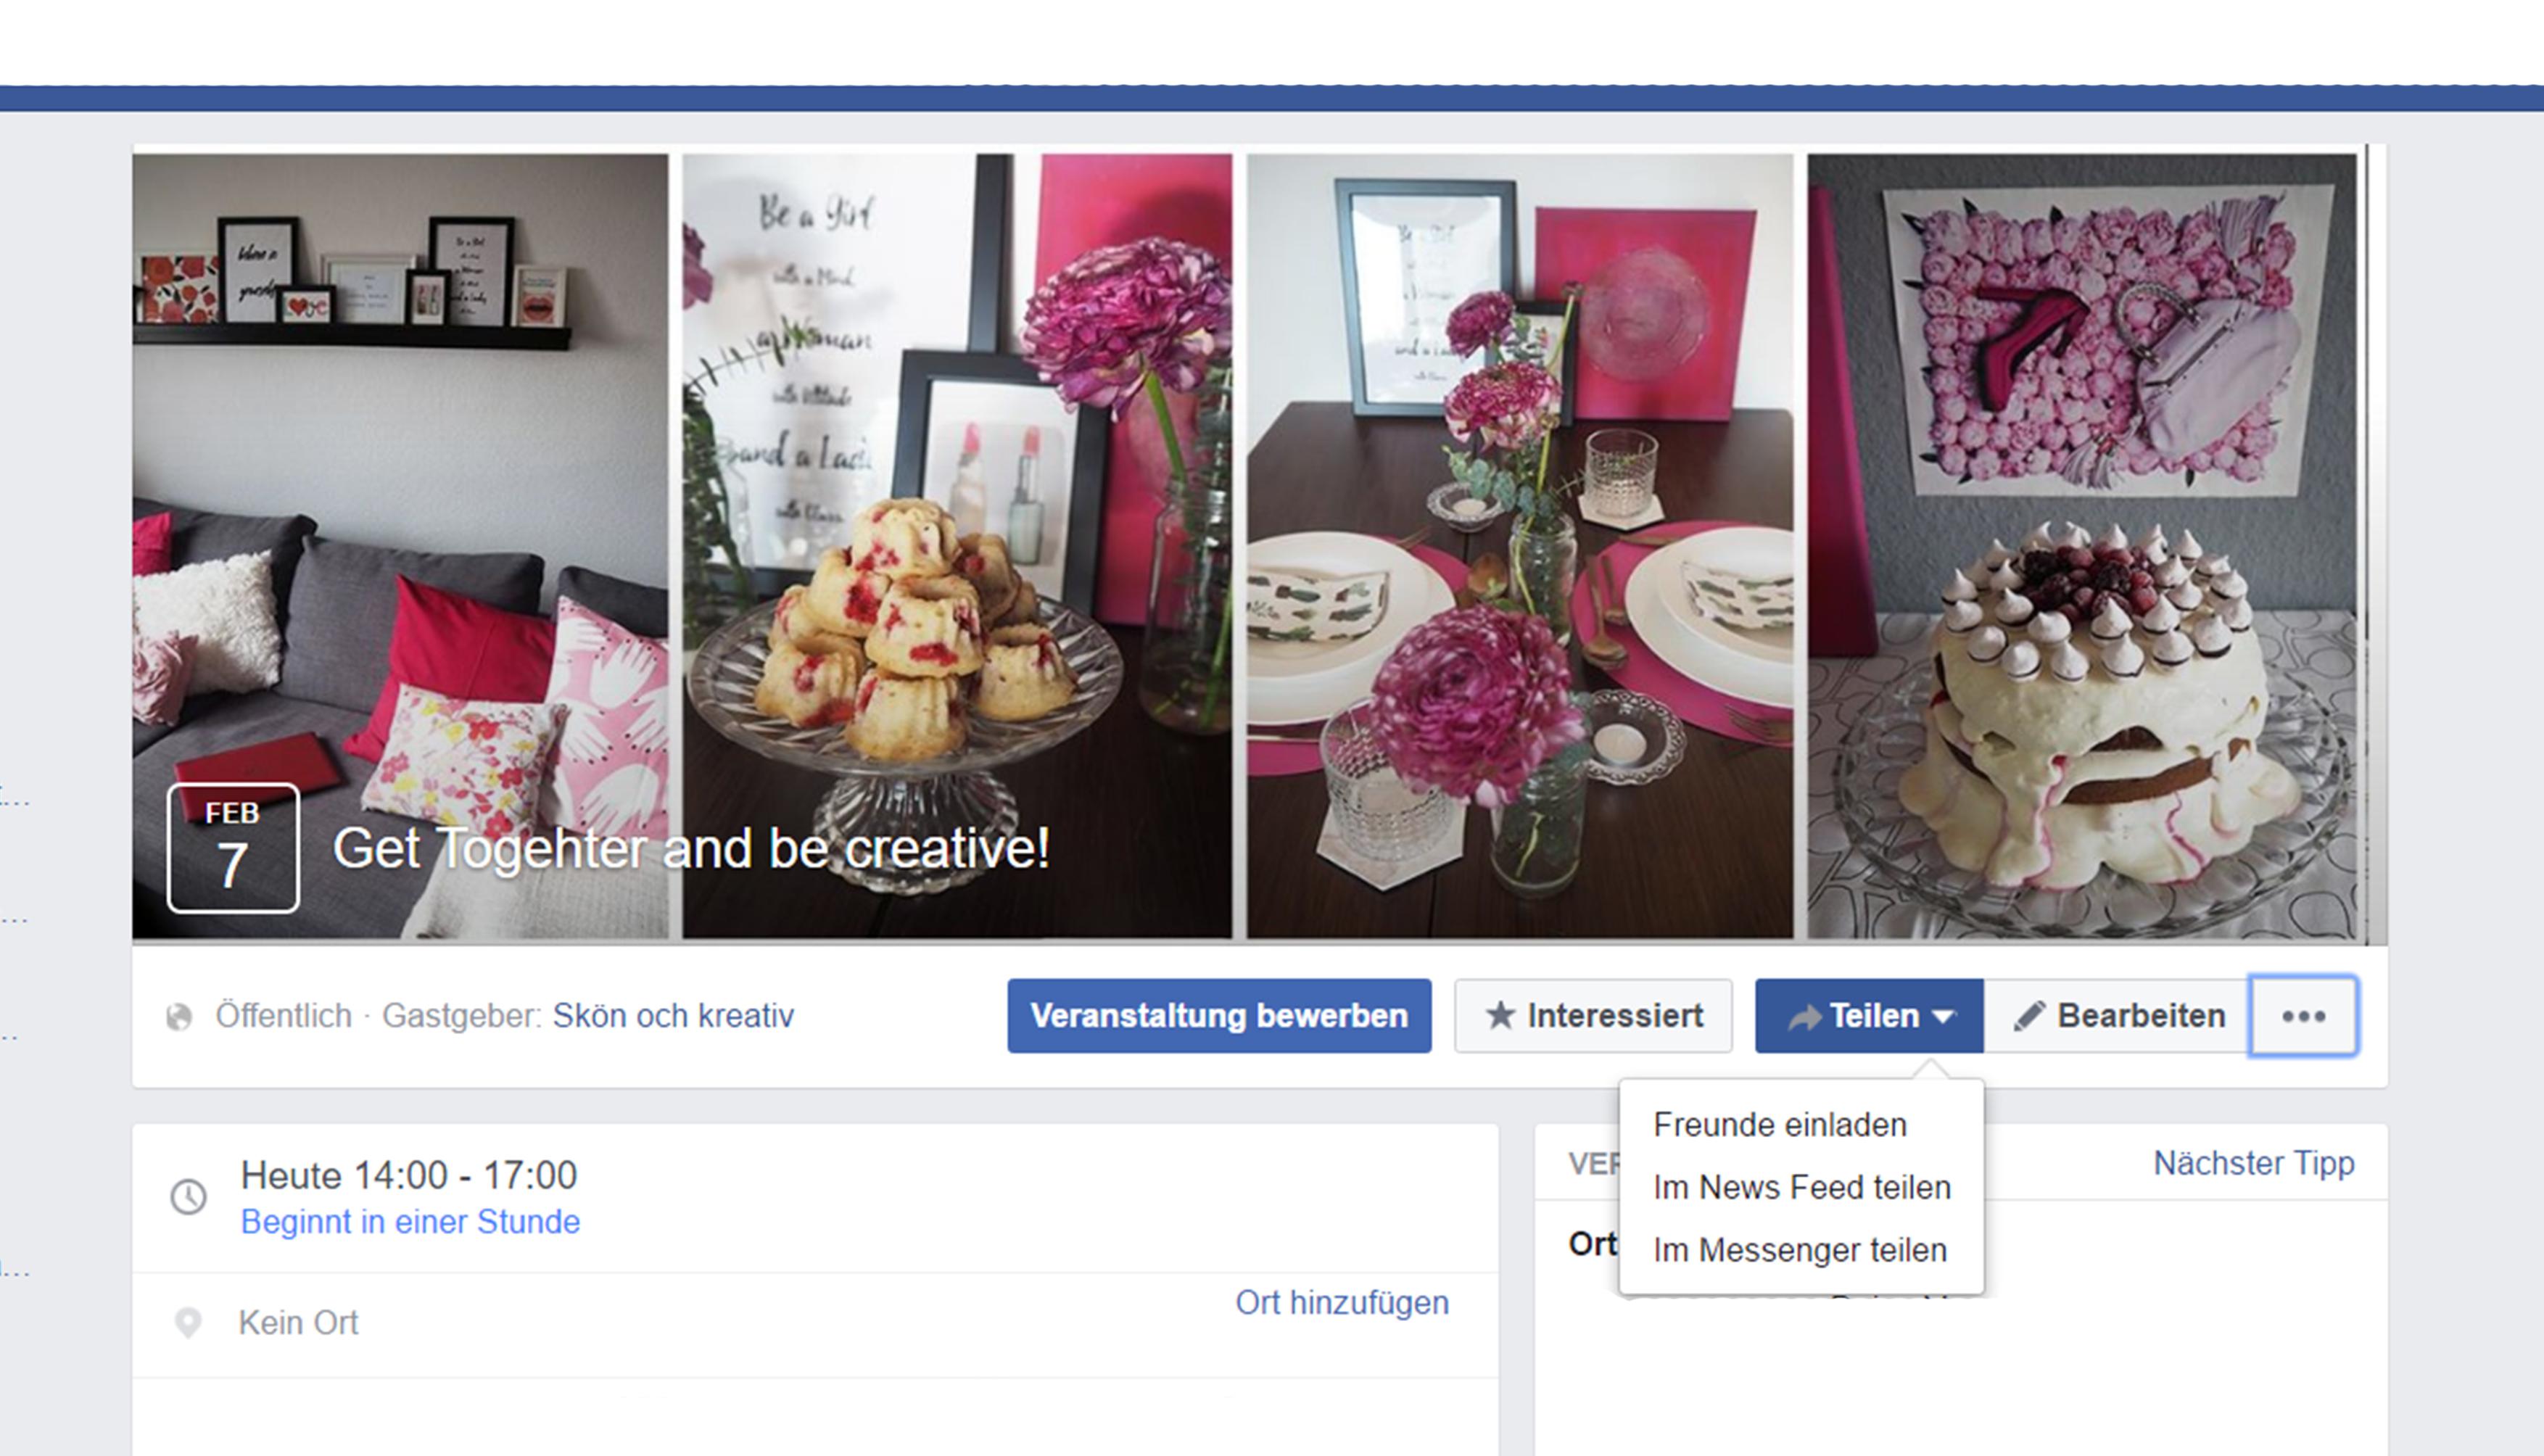 Wie fügst du Fotos zu Facebook hinzu?